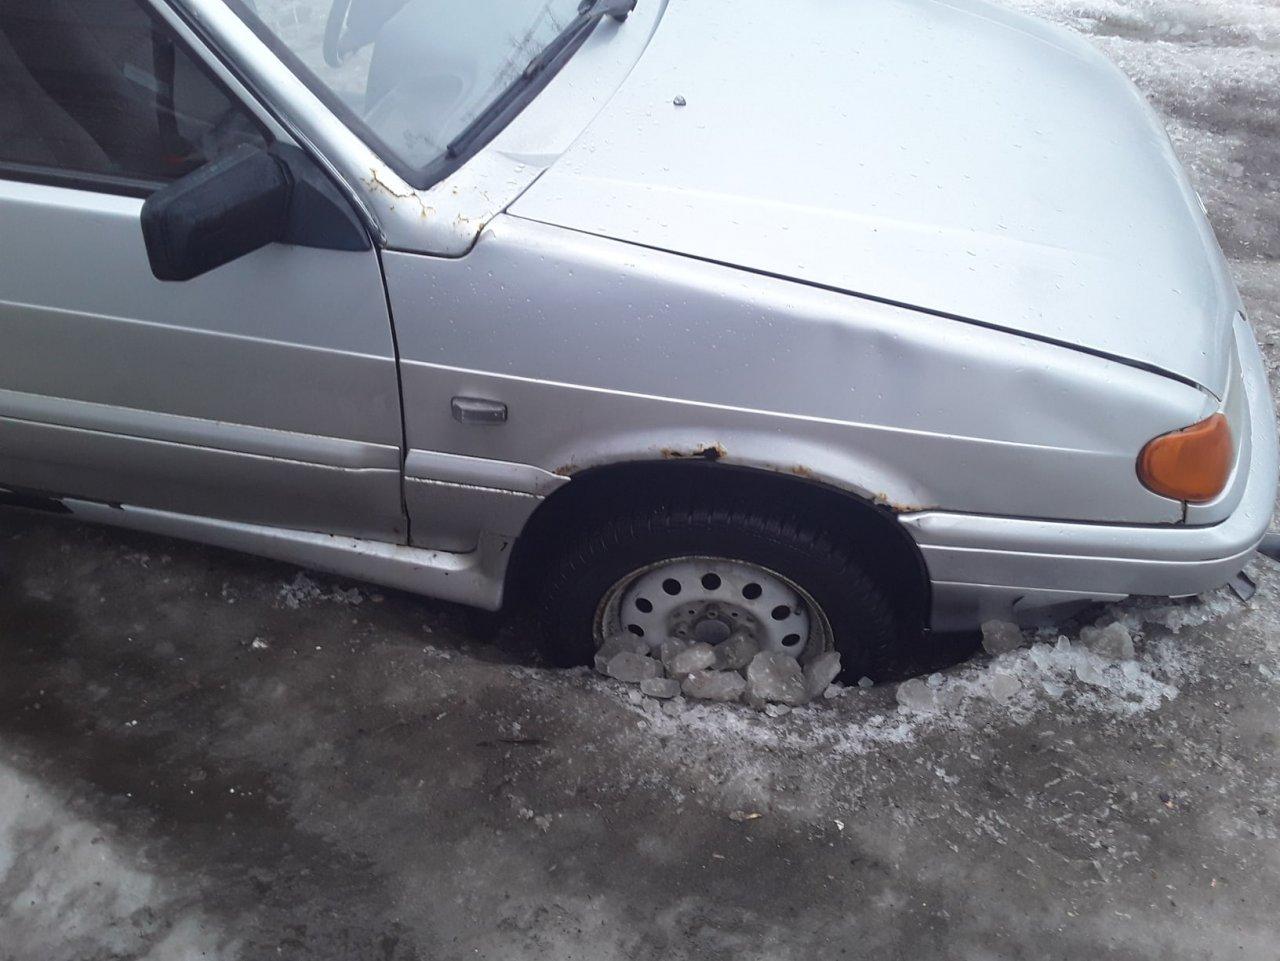 Колеса наполовину во льду: 7 фотографий страшного гололеда на улицах Кирово-Чепецка